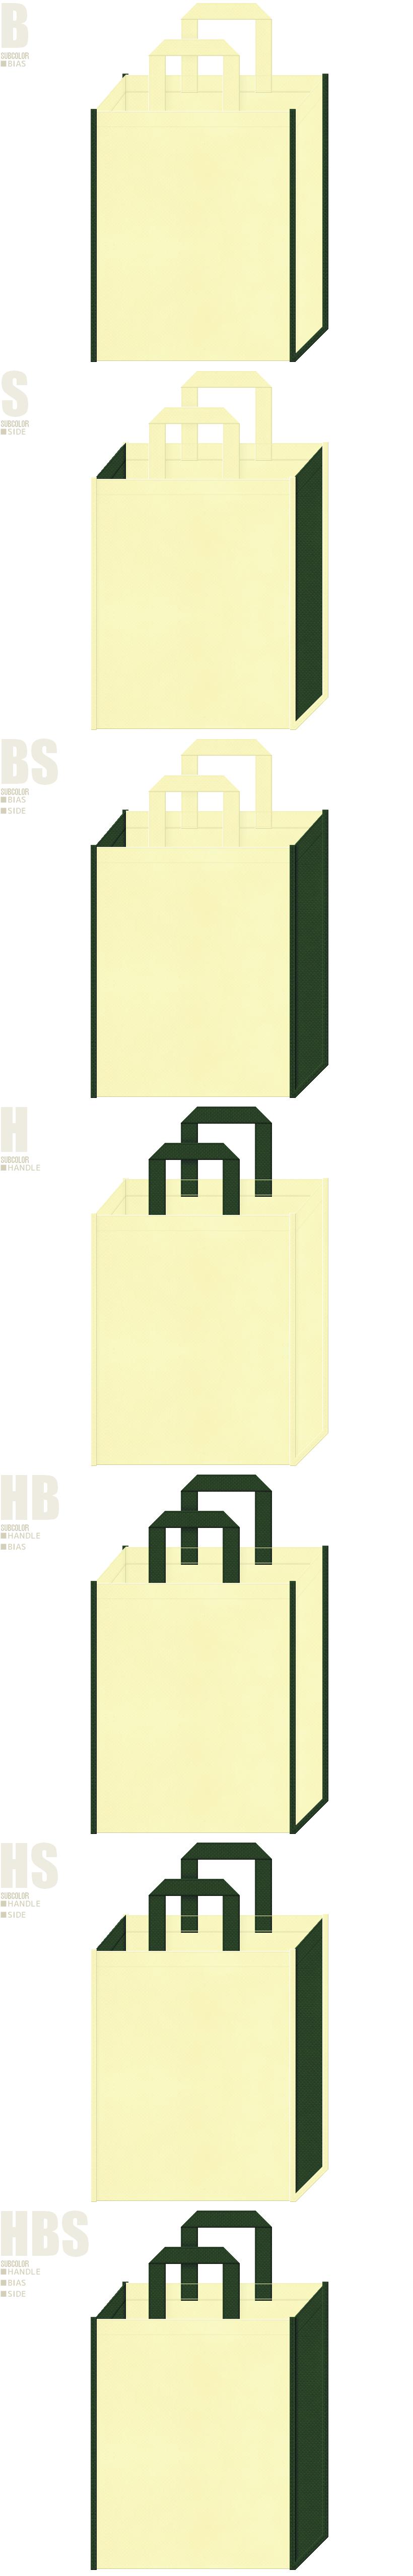 きゅうり・へちま・ランタン・懐中電灯・照明器具・登山・キャンプ・アウトドアイベント・学校・オープンキャンパス・学習塾・レッスンバッグにお奨めの不織布バッグデザイン:薄黄色と濃緑色の配色7パターン。